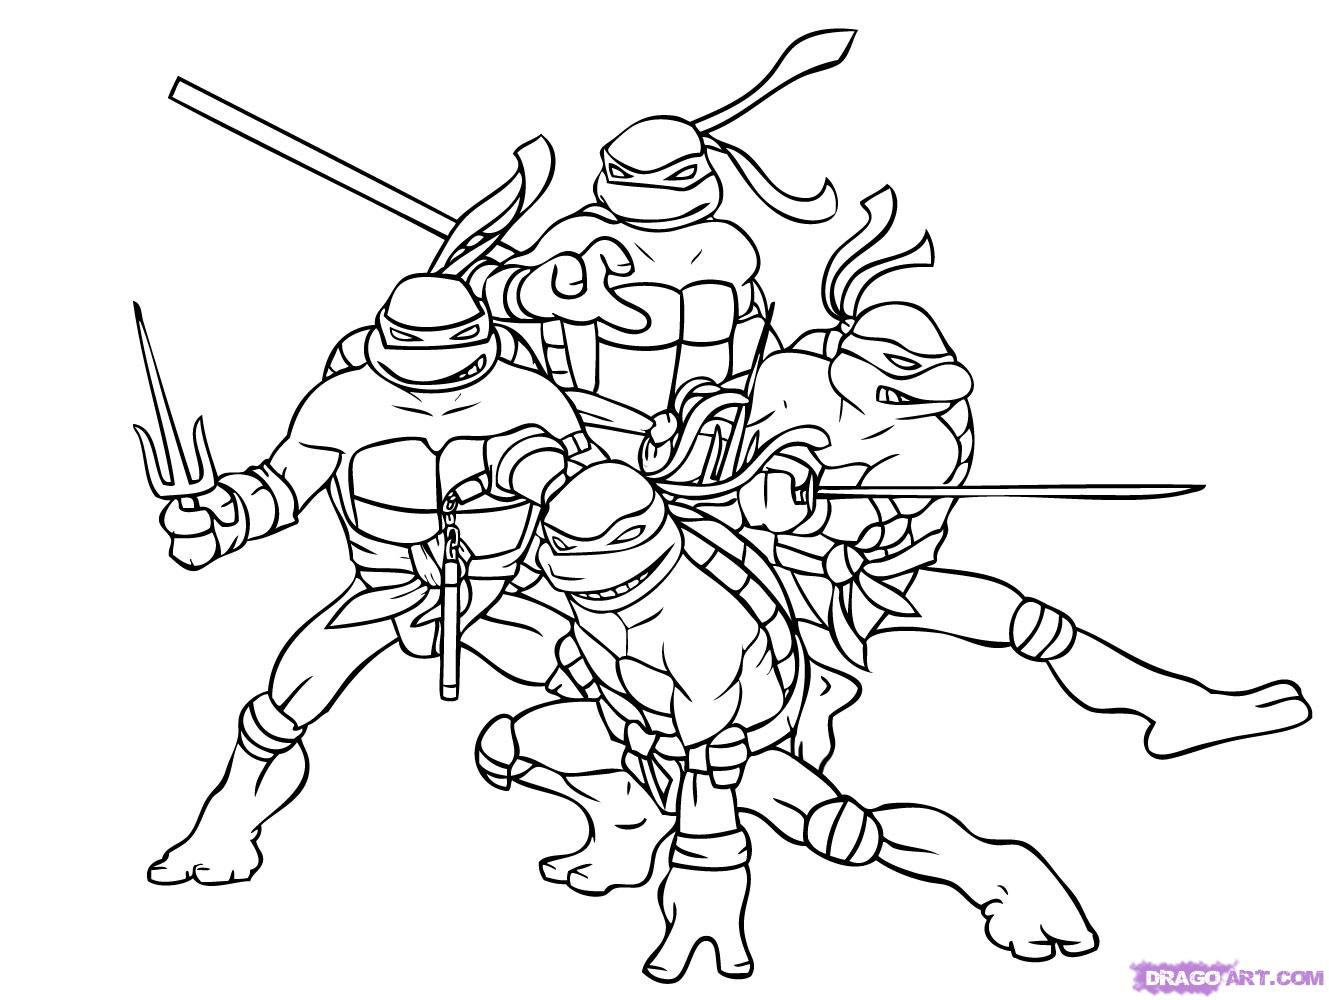 1329x1000 Teenage Mutant Ninja Turtles Coloring Pages Teenage Mutant Ninja